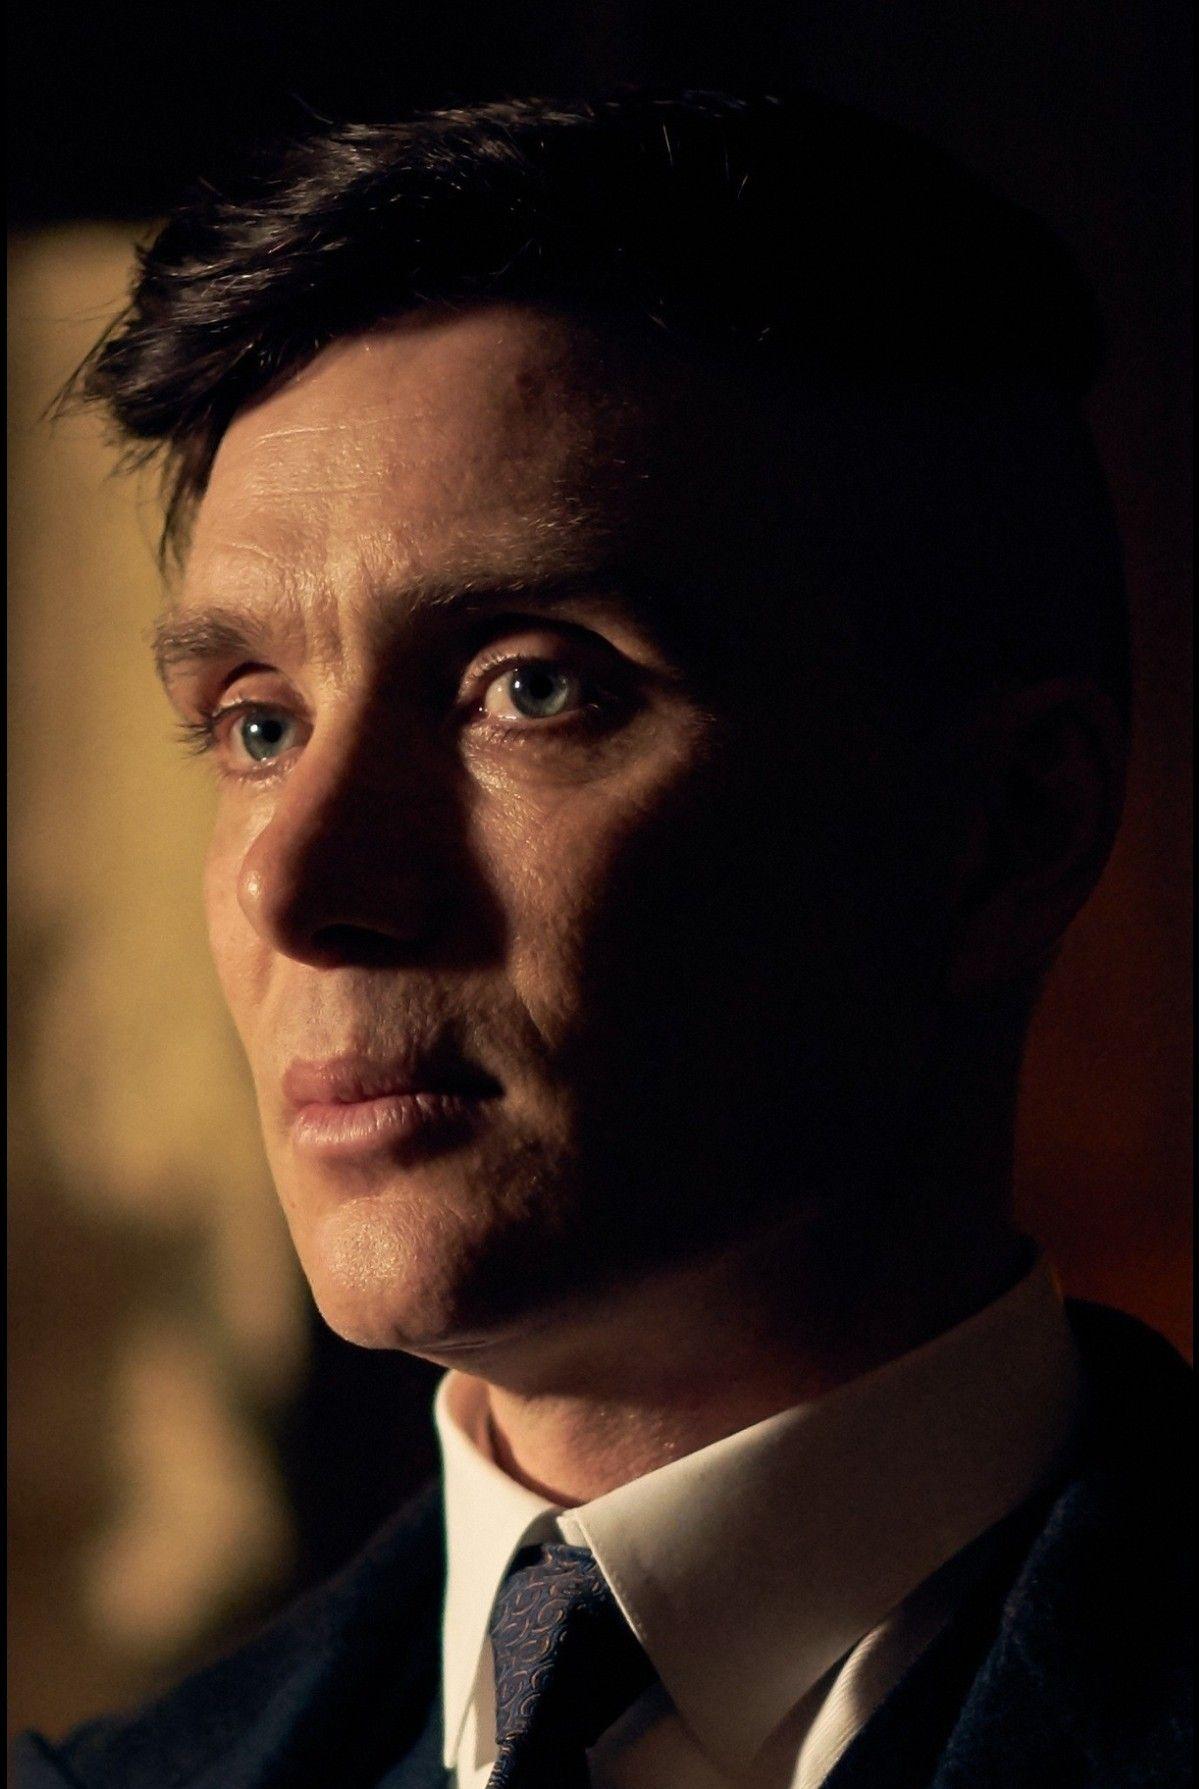 Cillian Murphy As Thomas Shelby Peaky Blinders Season 5 Peaky